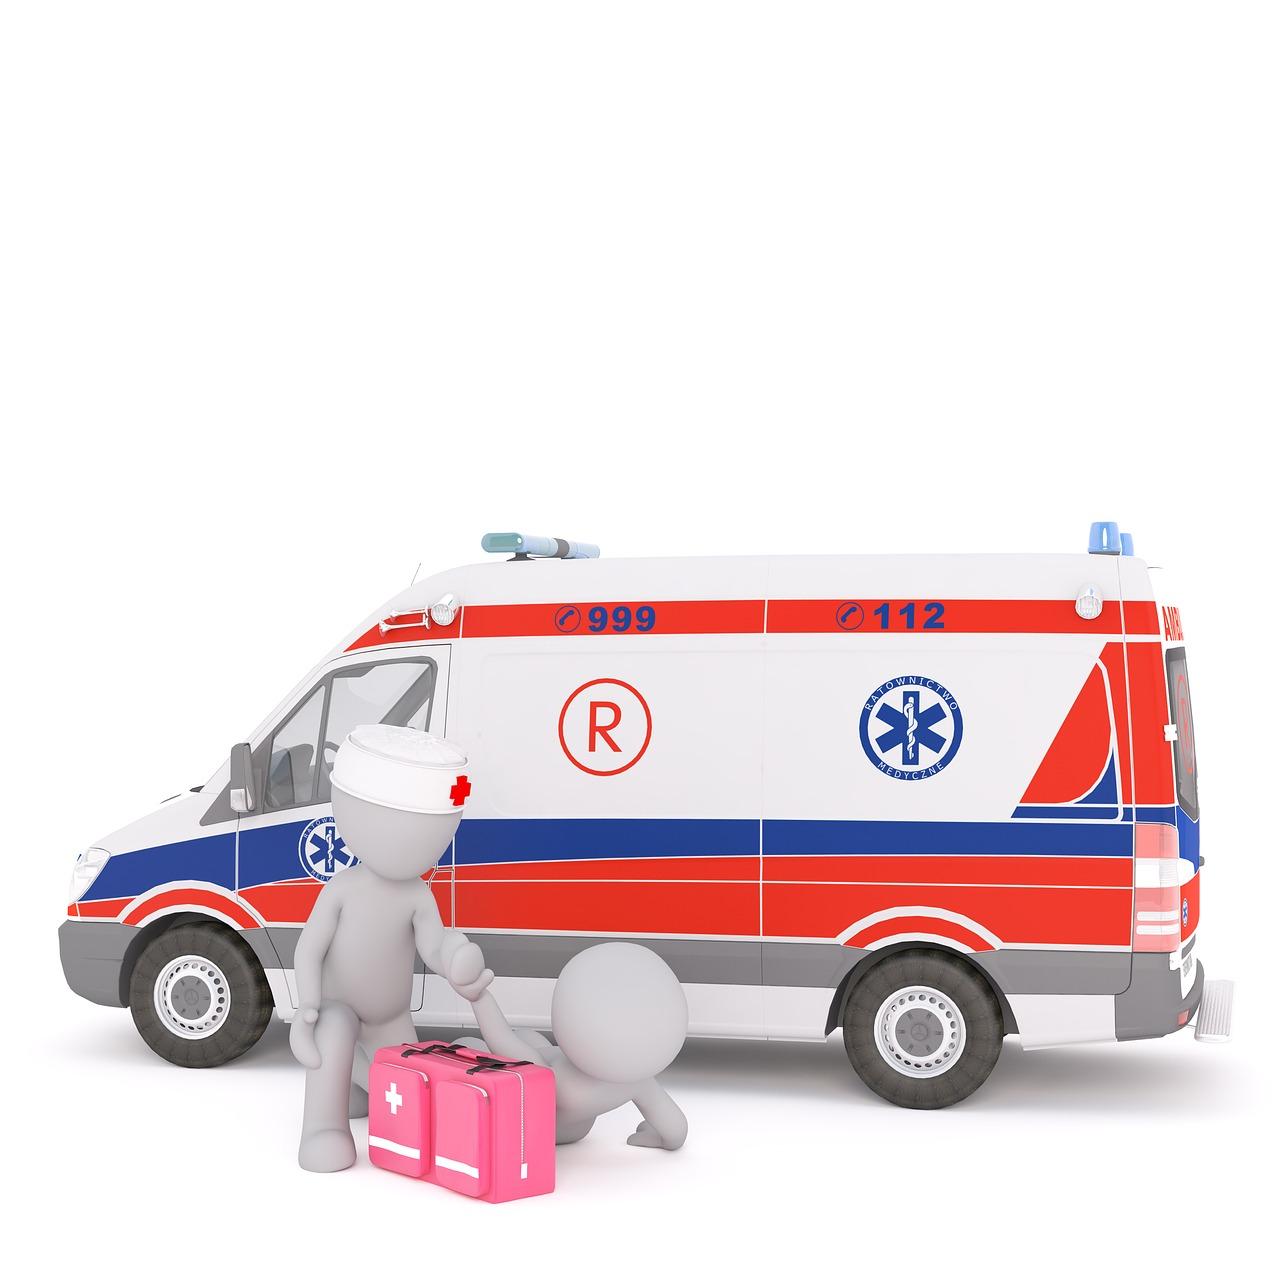 Ambulance 1874765 1280